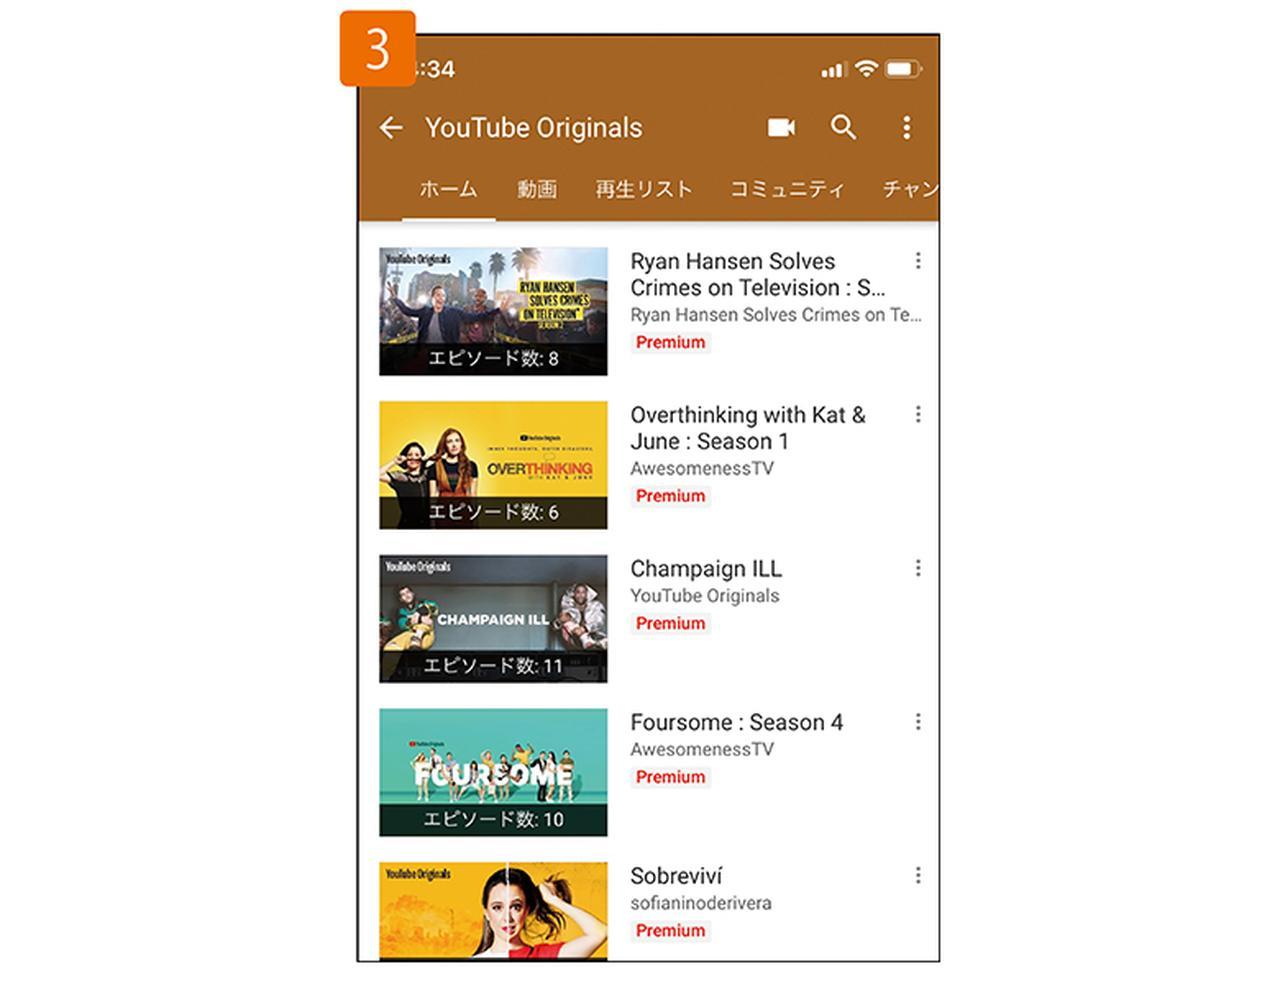 画像: 「YouTubeオリジナルズ」は、有名アーティストが投稿した動画を、有料会員だけが視聴できるチャンネルだ。